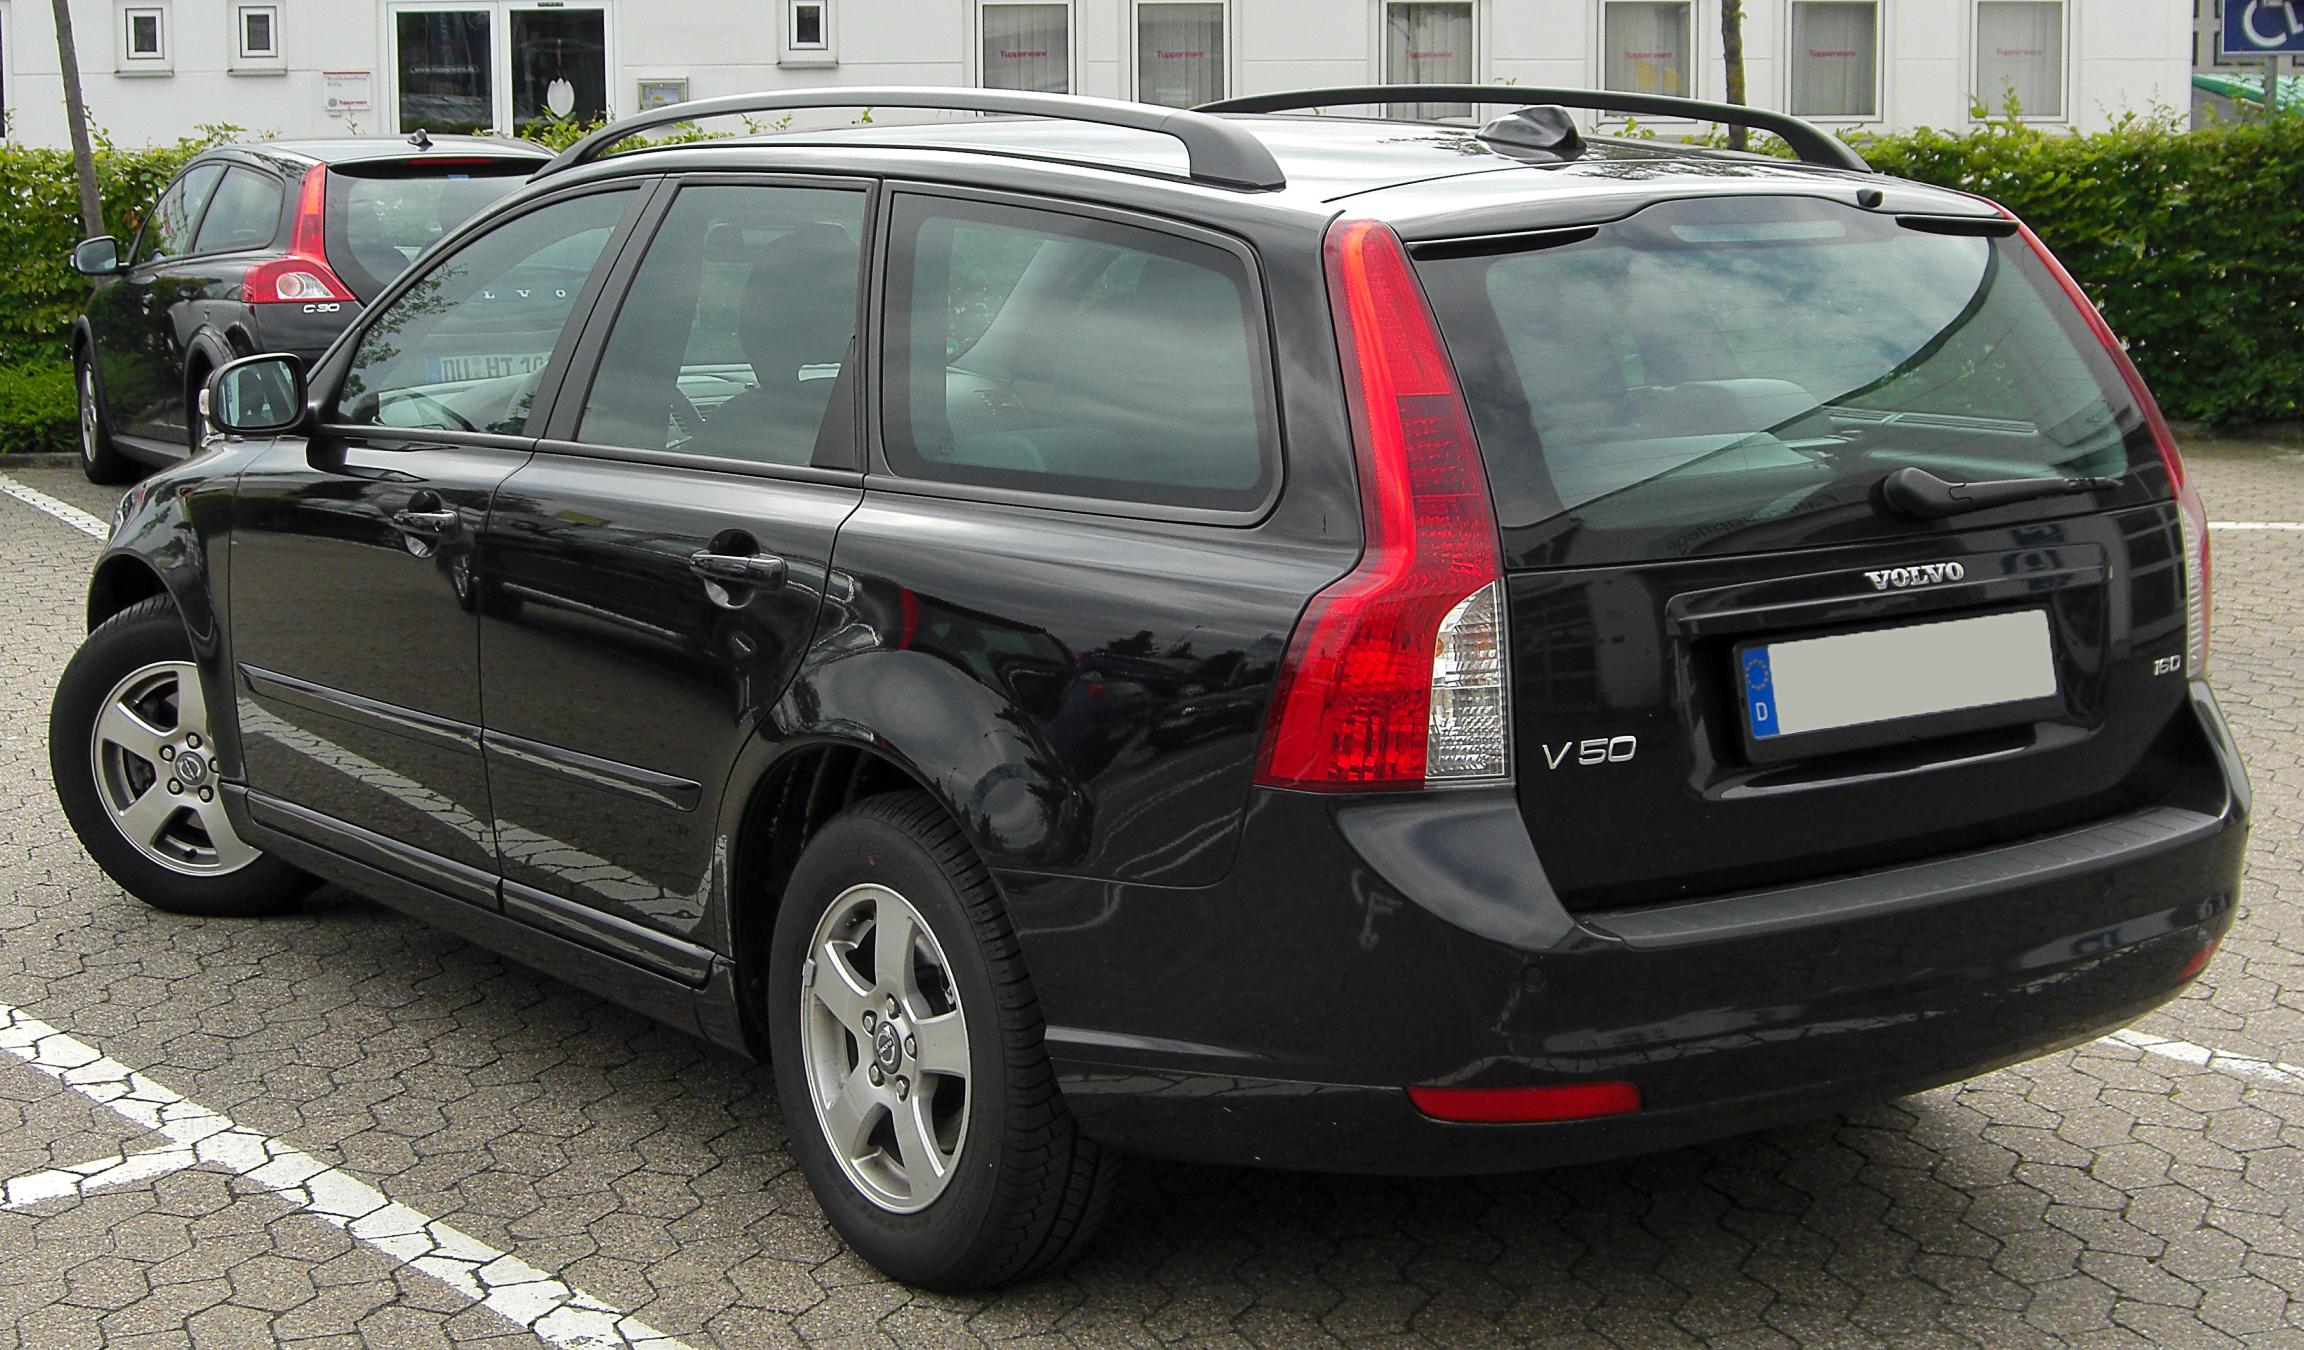 File Volvo V50 1 6 D Facelift Rear 20100731 Jpg